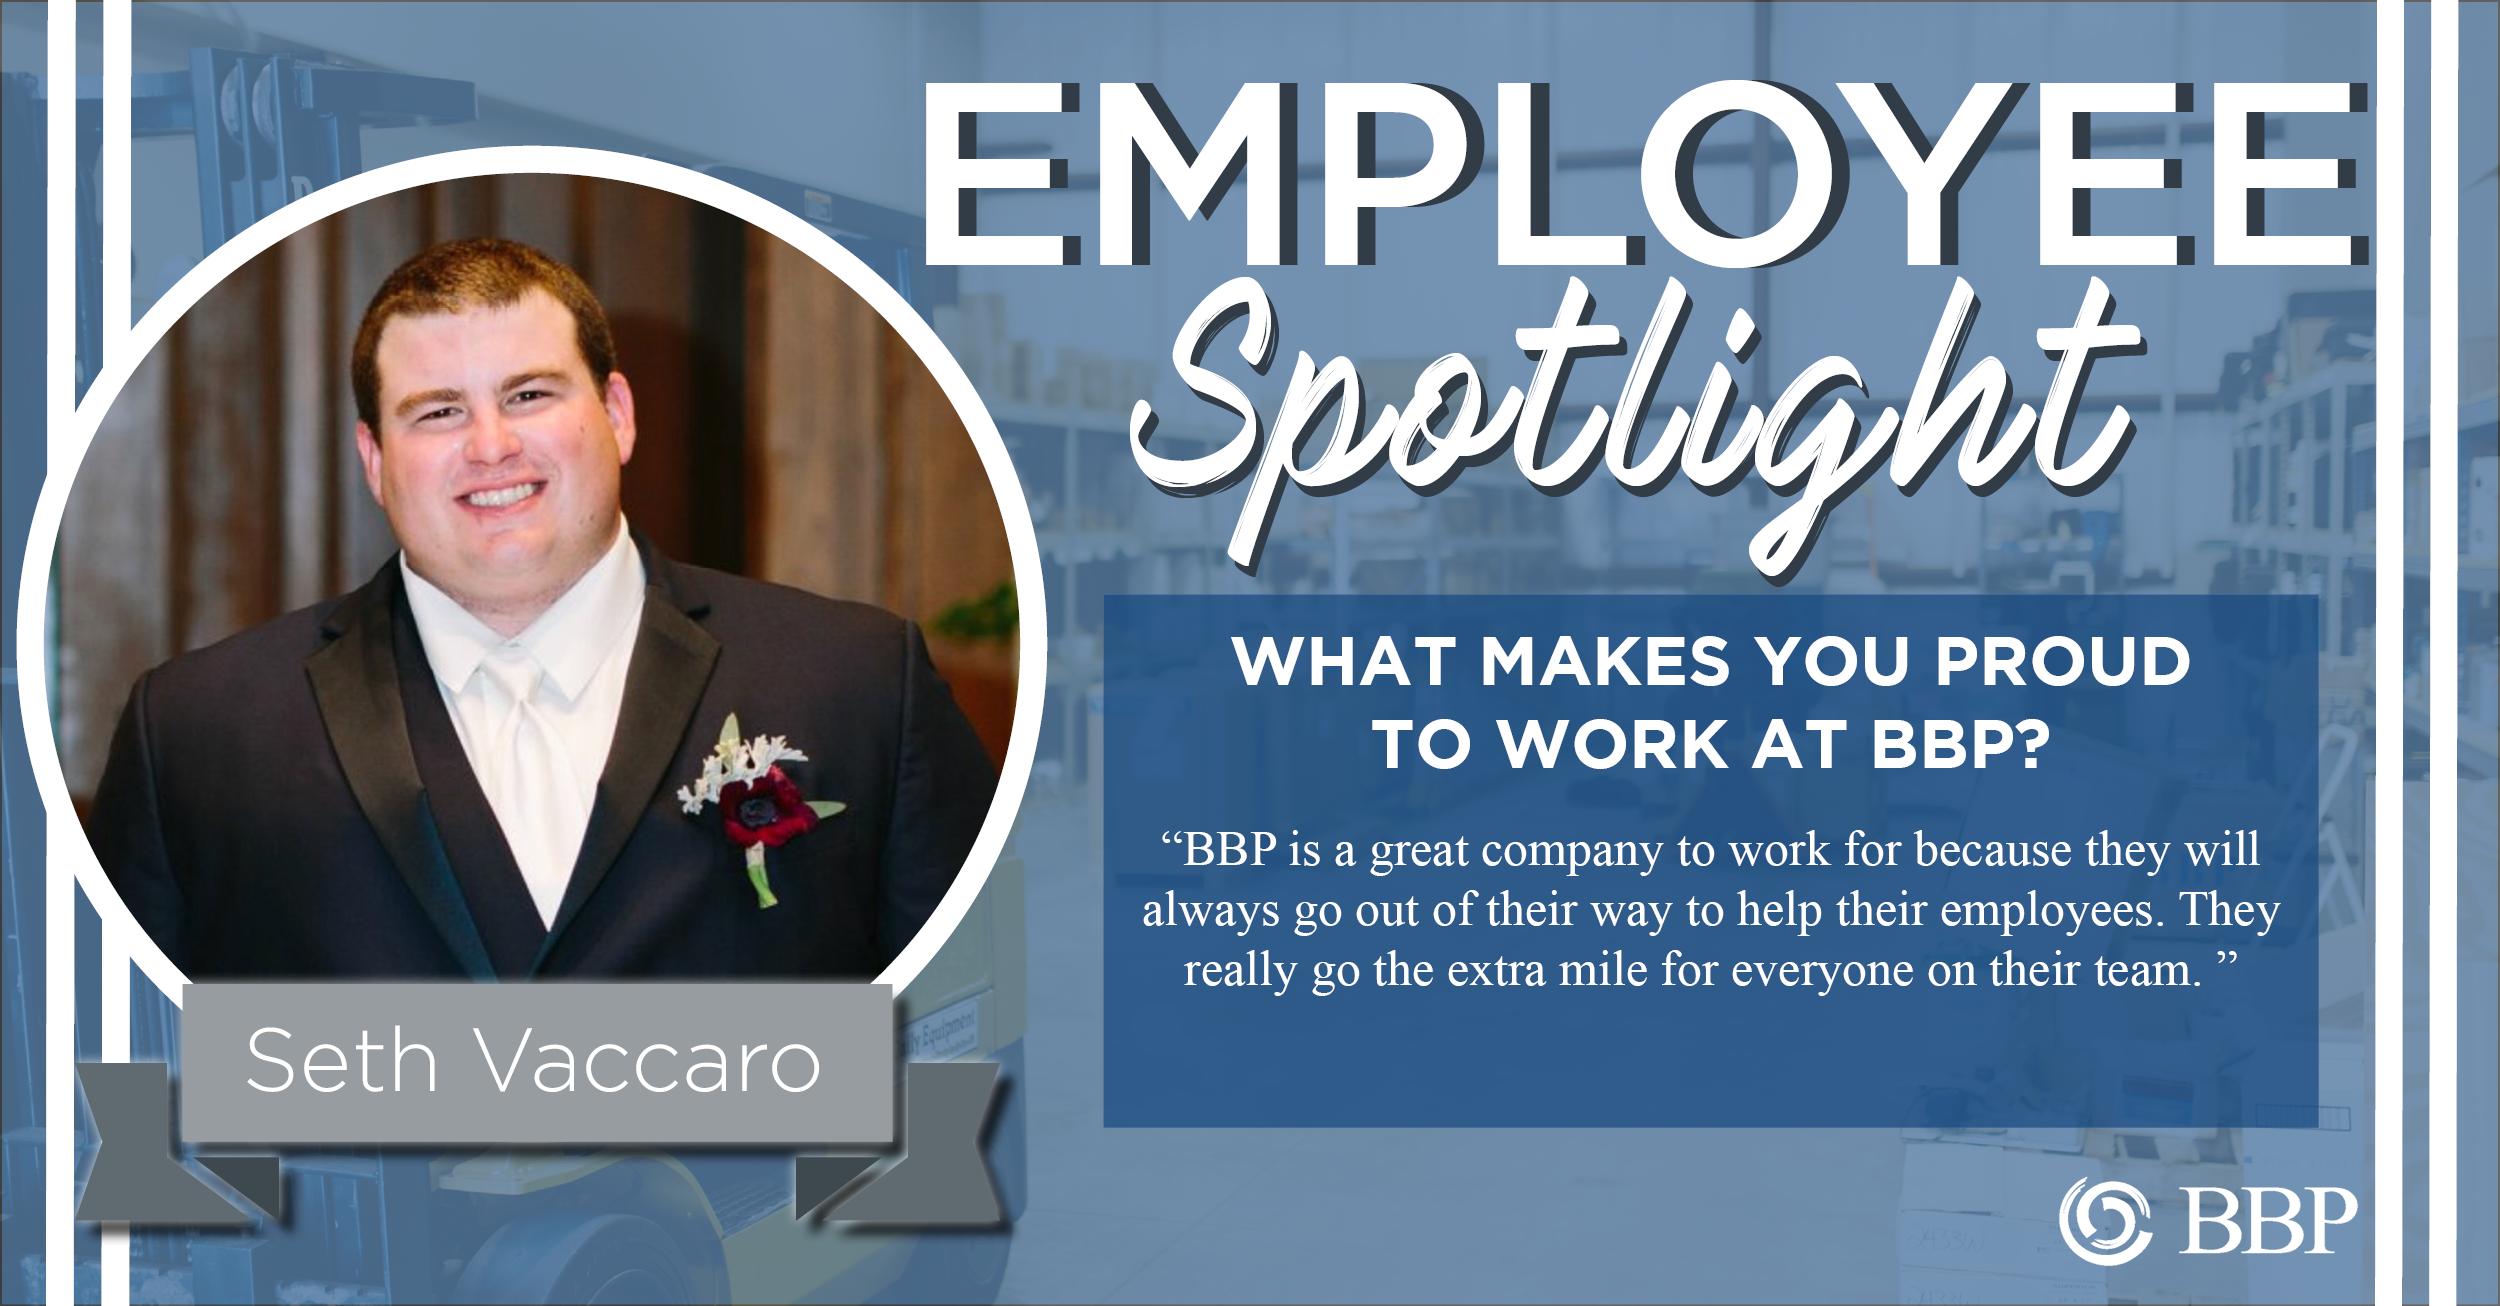 Seth_V_Employee_Spotlight